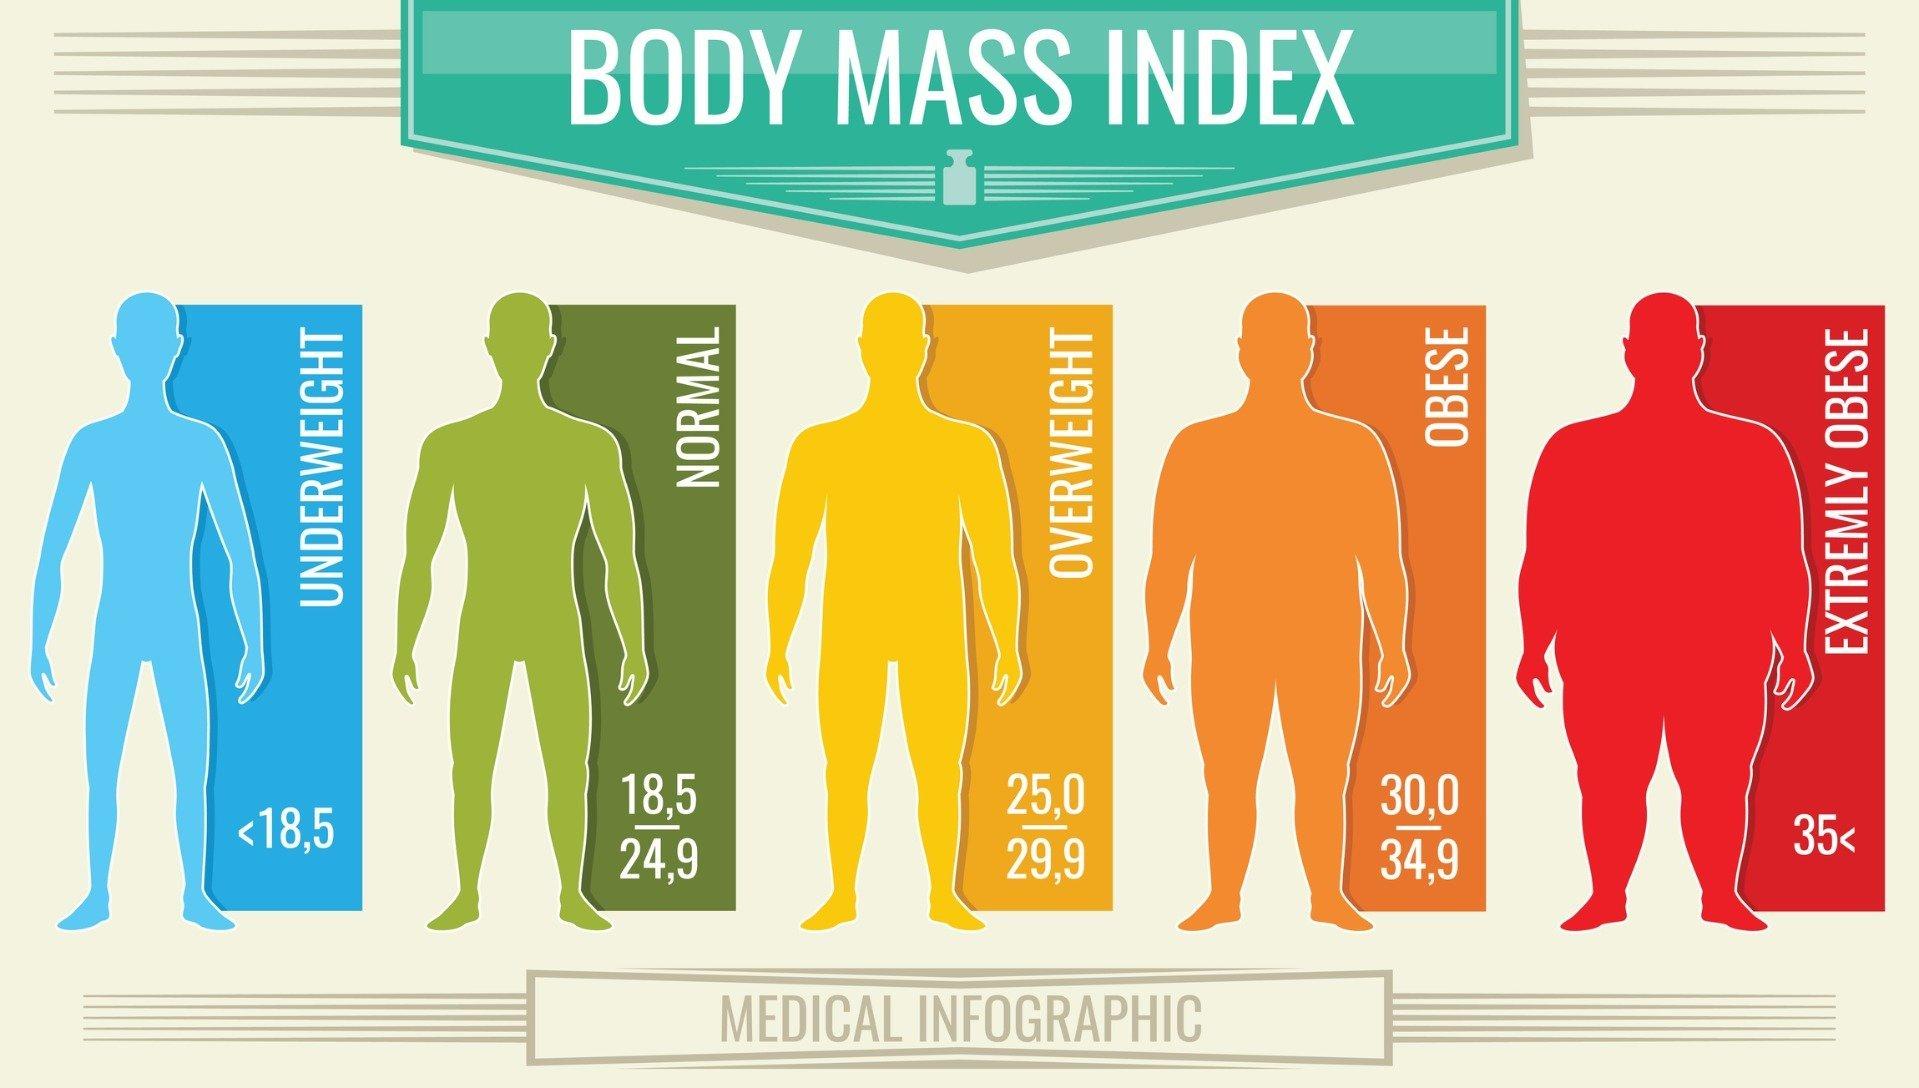 indicele bmi pentru pierderea în greutate)